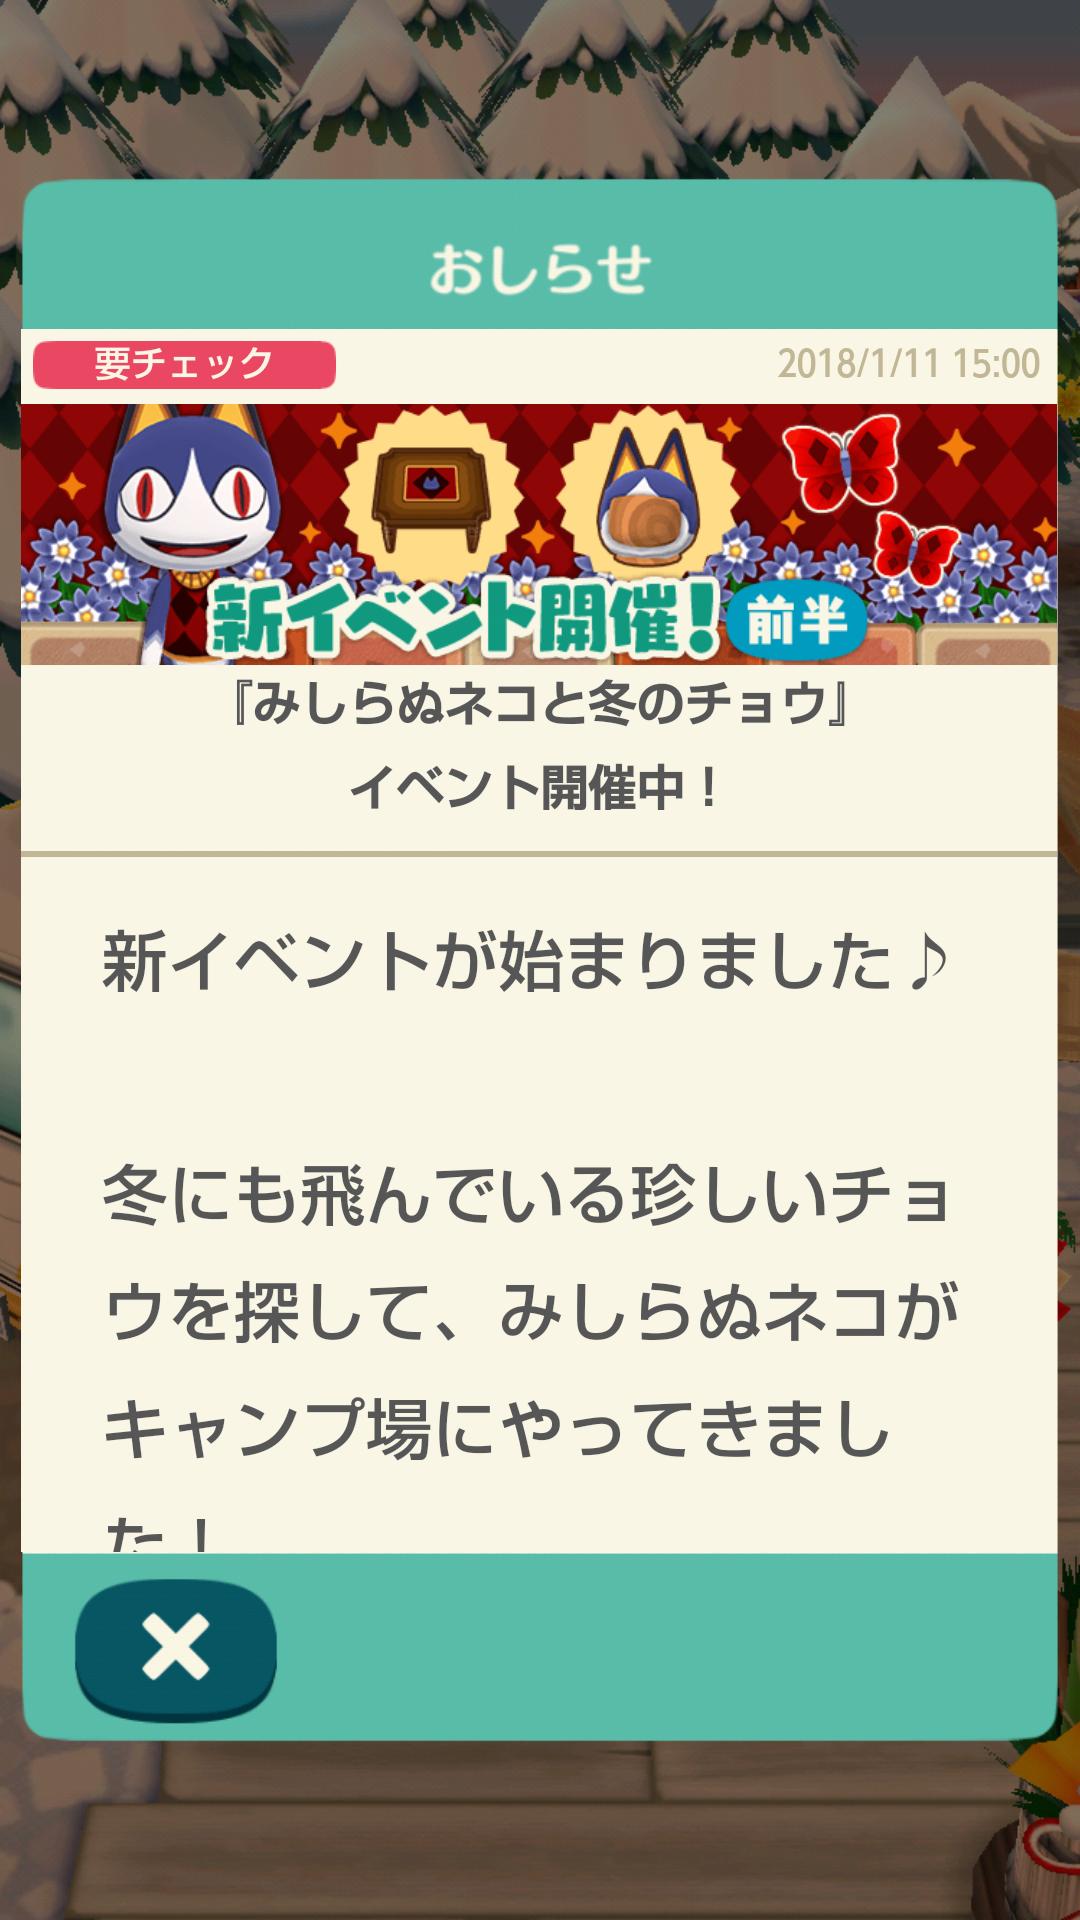 【ポケ森】 まーたイベント「みしらぬネコと冬のチョウ」がはじまた